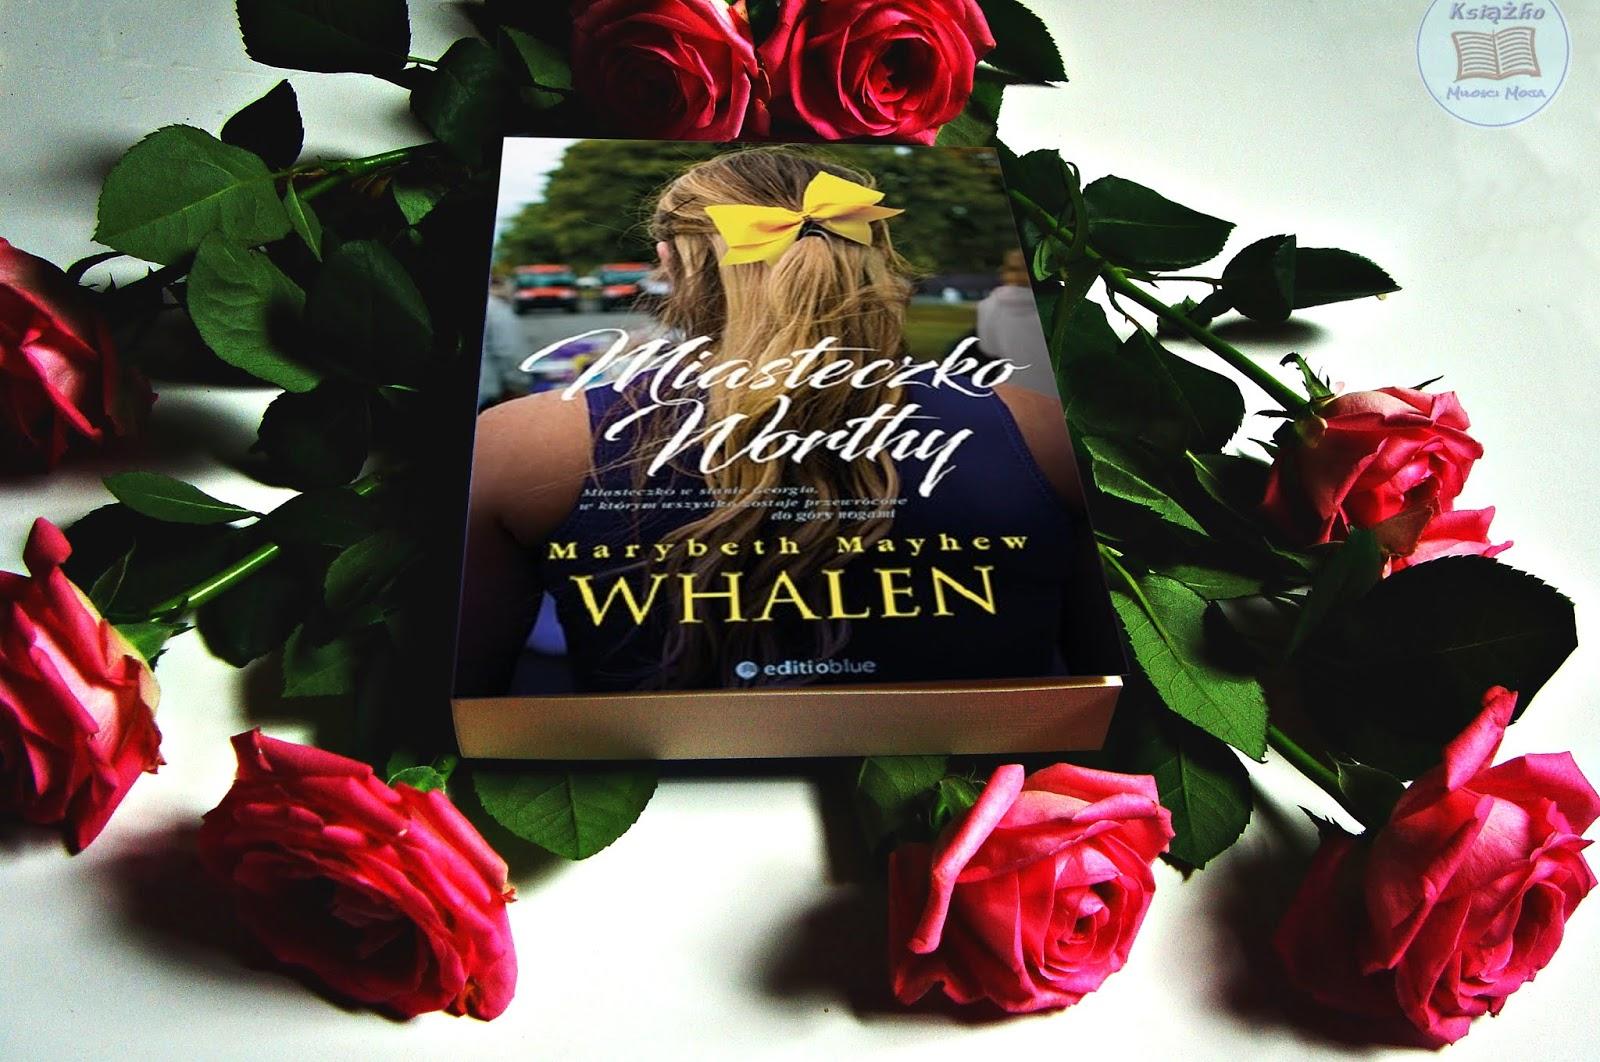 Miasteczko Worthy Marybeth Mayhew Whalen [Patronat medialny]